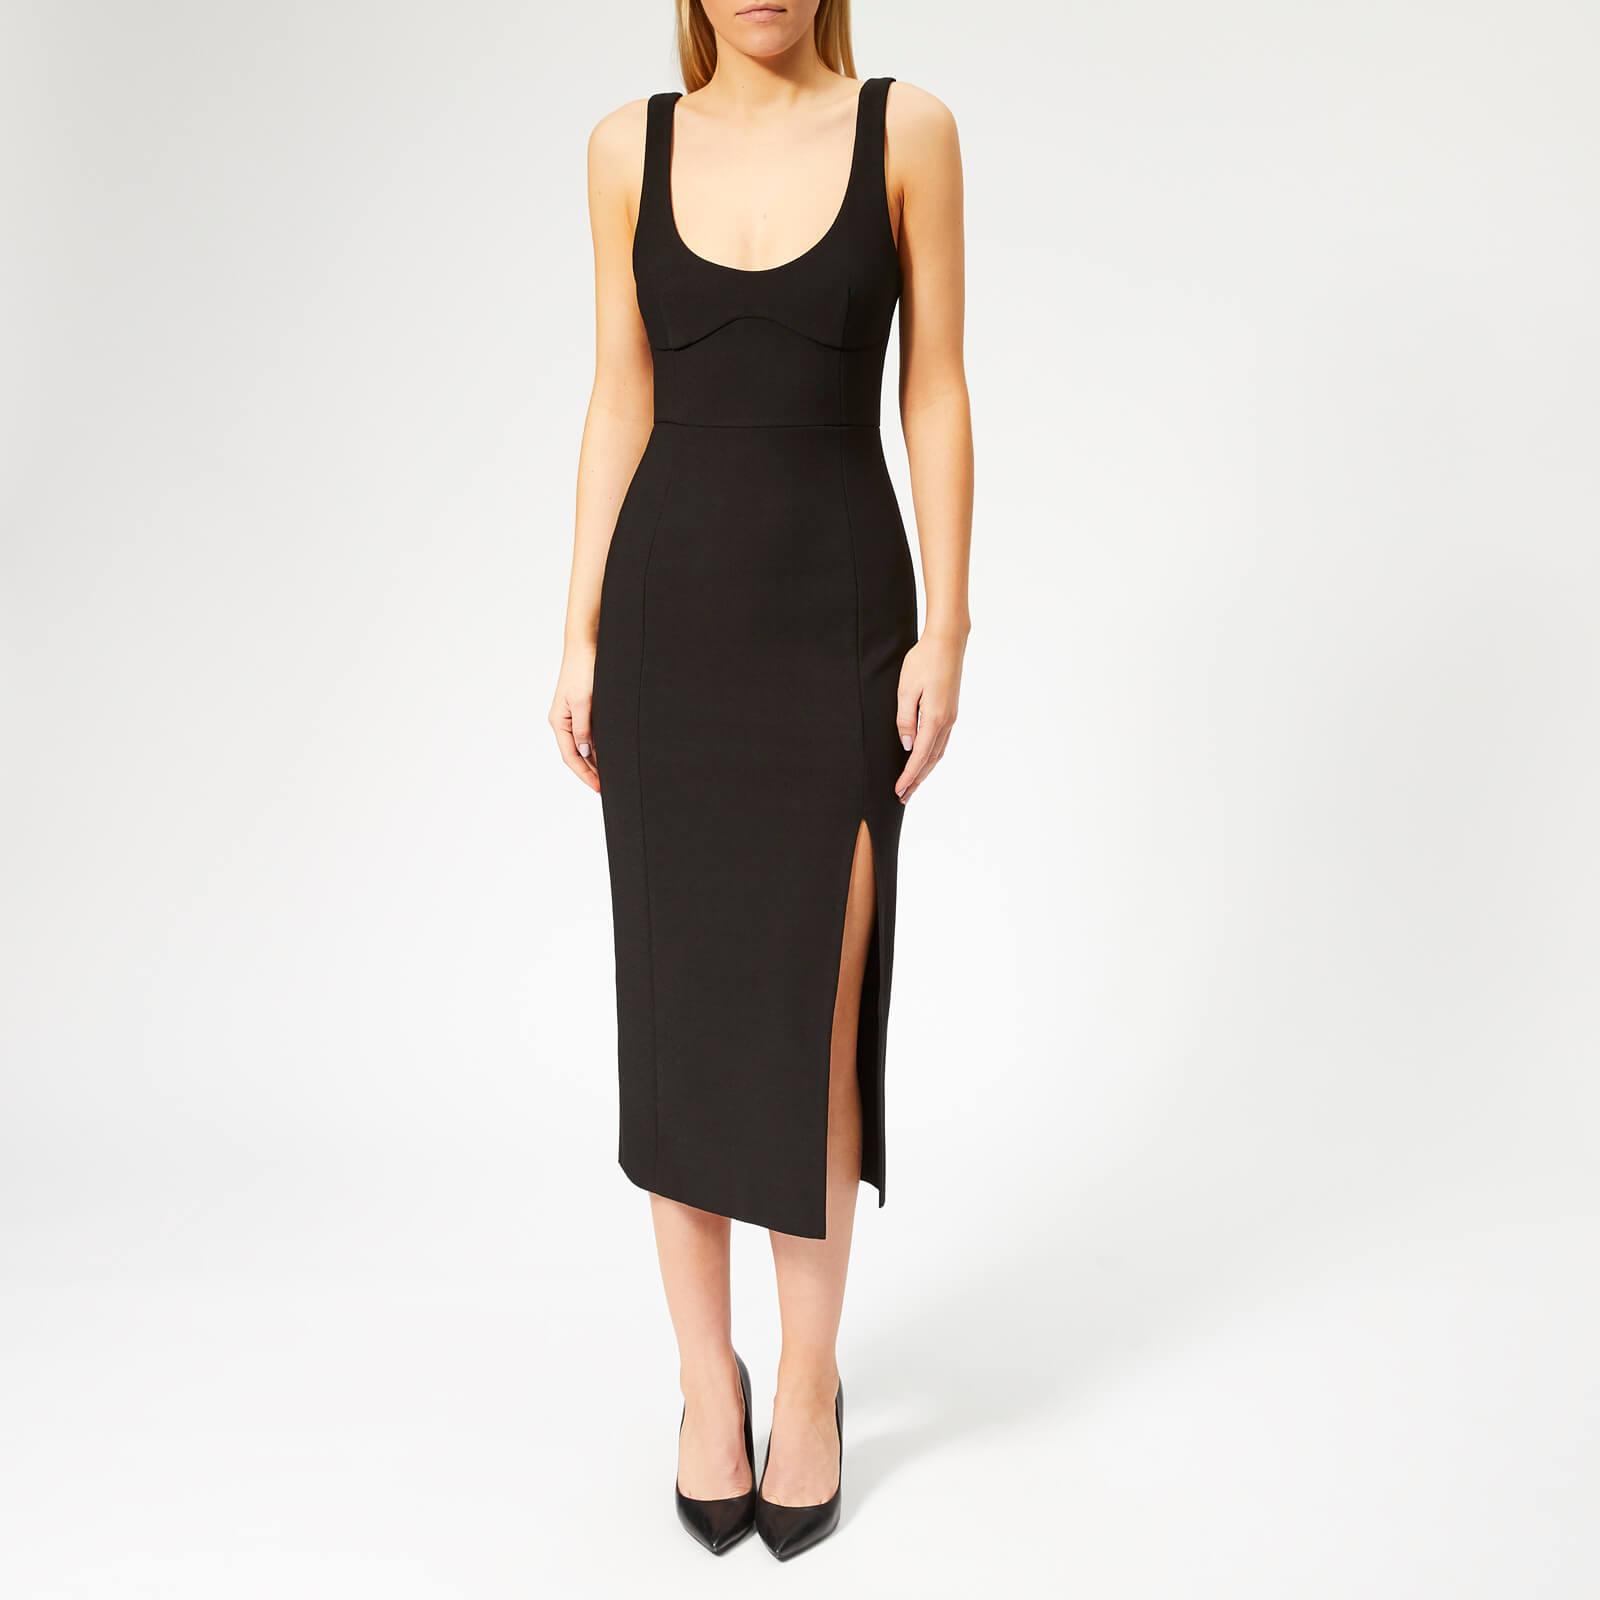 Bec & Bridge Women's Elle Midi Dress - Black - UK 10 - Black